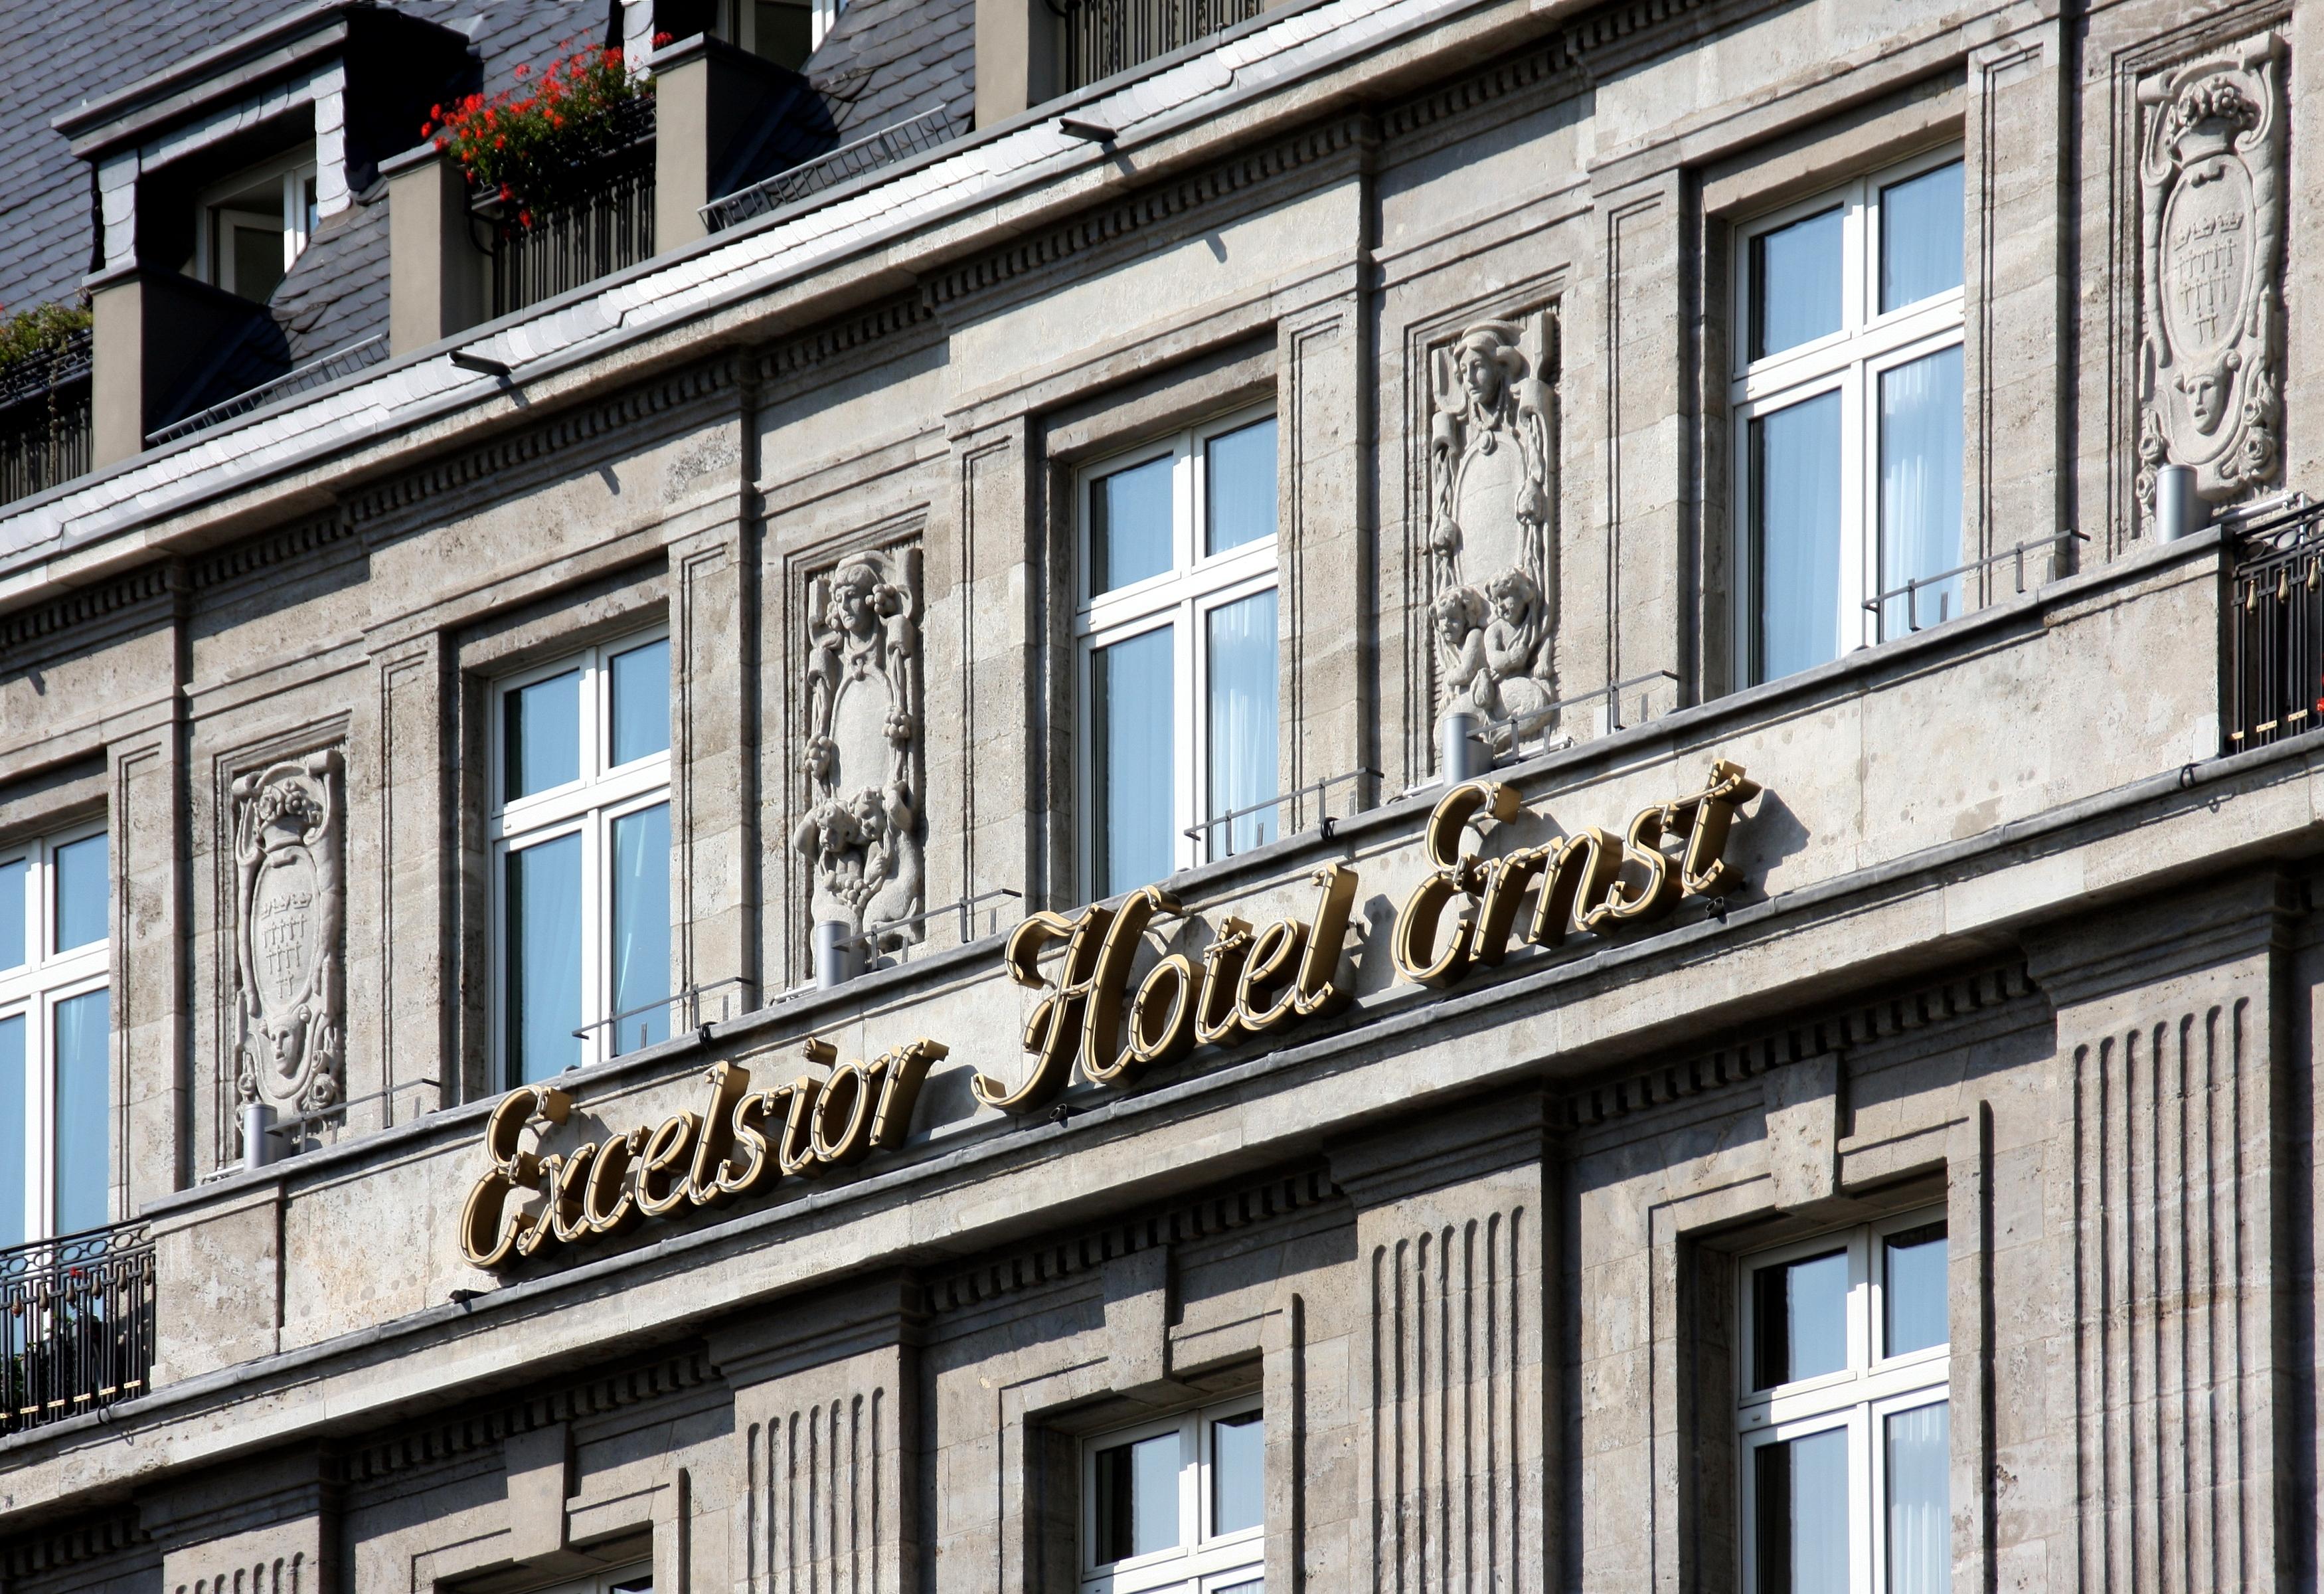 Excelsior Hotel Koln Teatime